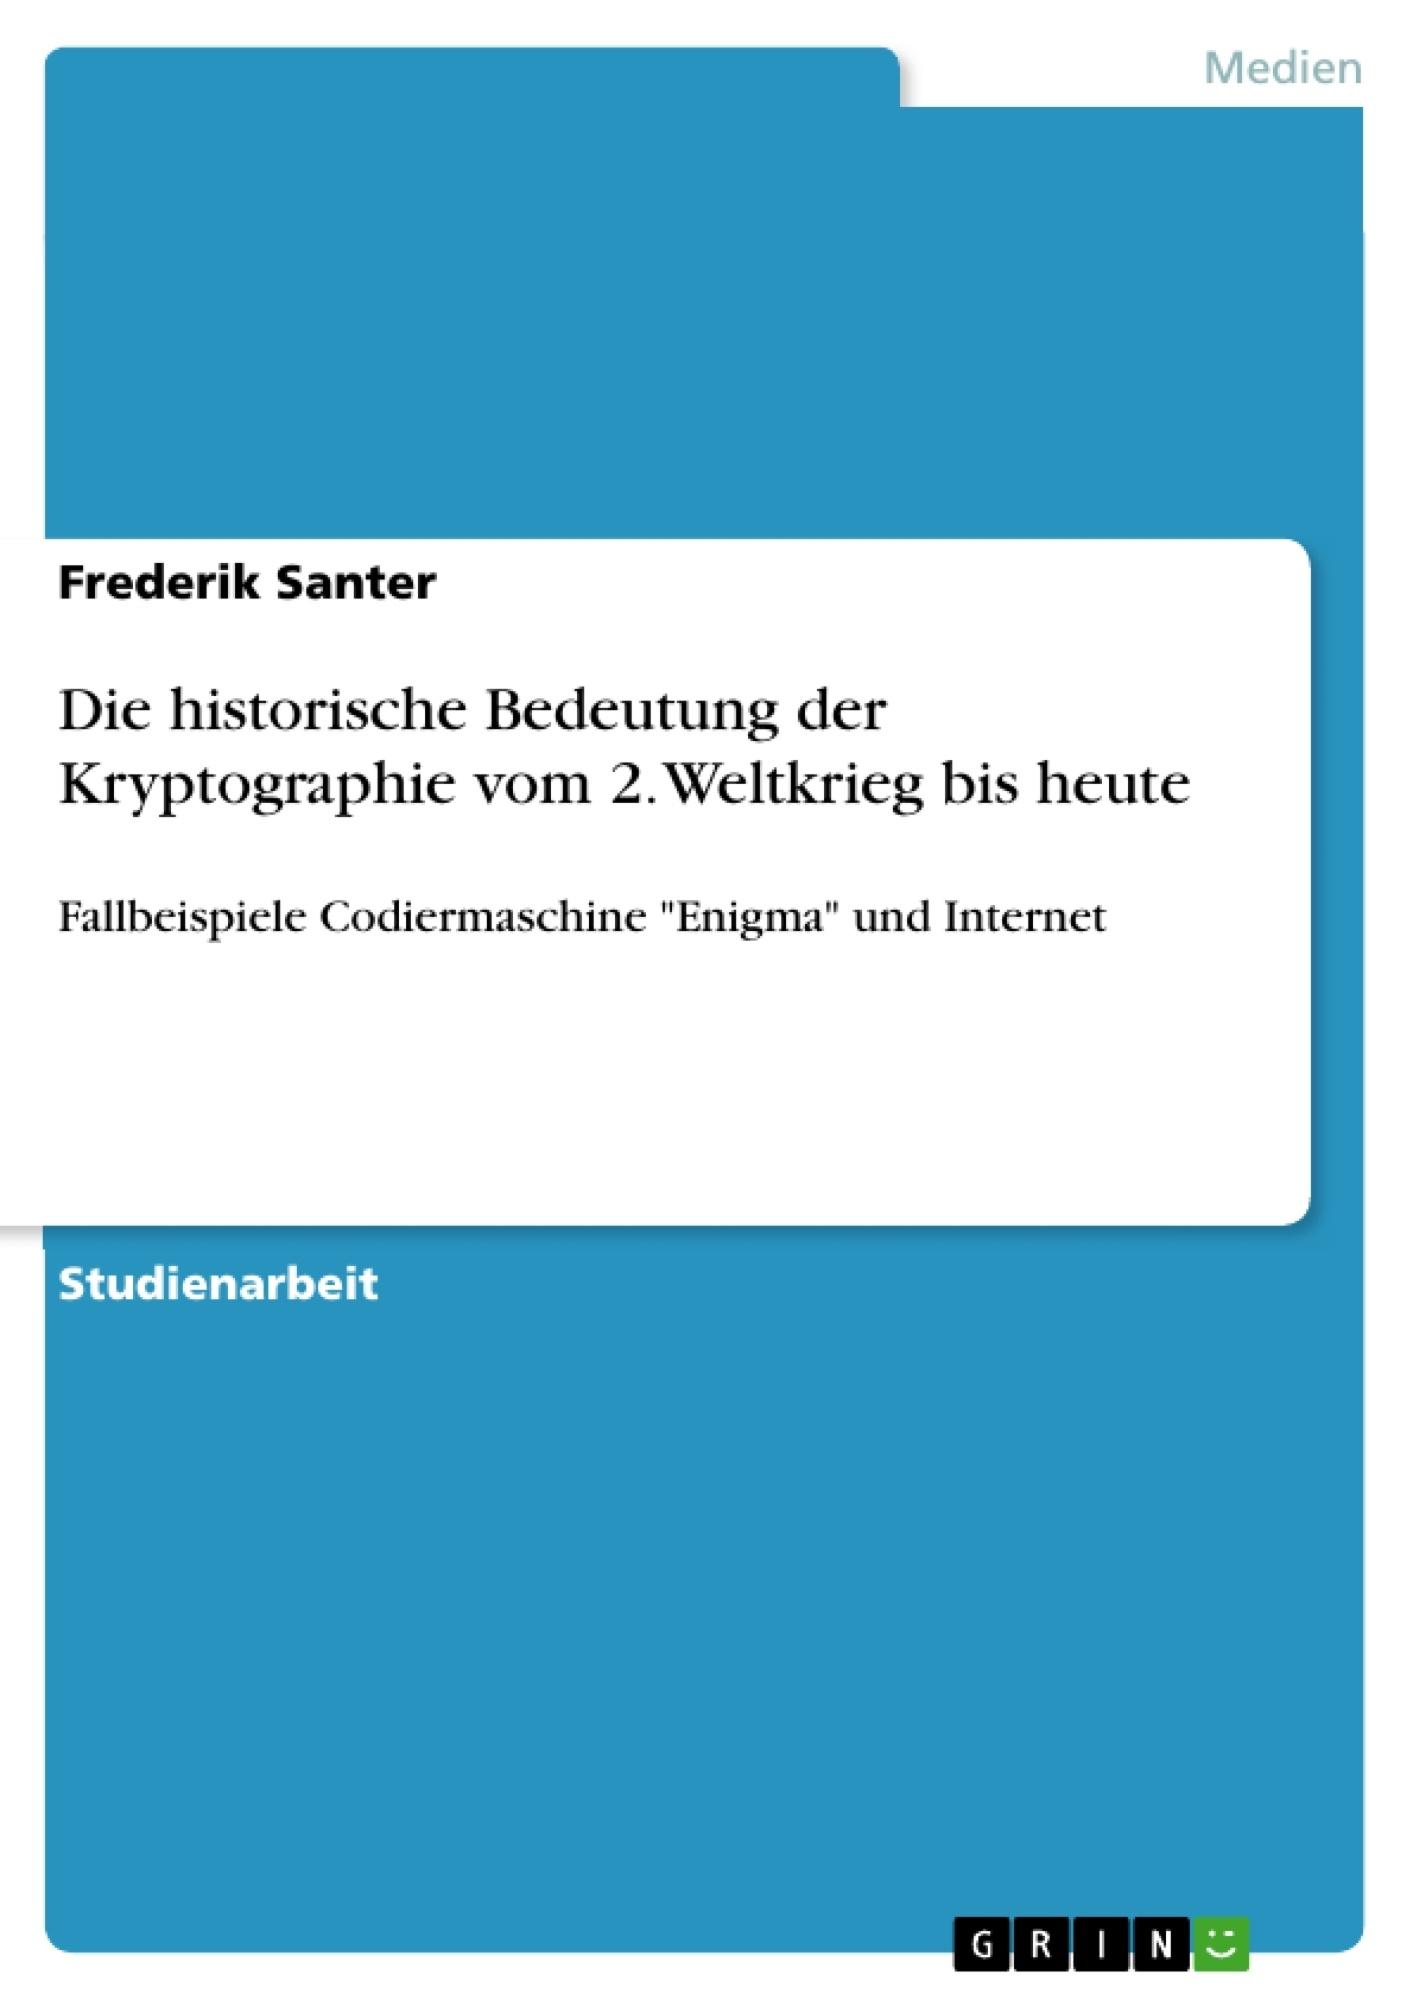 Titel: Die historische Bedeutung der Kryptographie vom 2. Weltkrieg bis heute